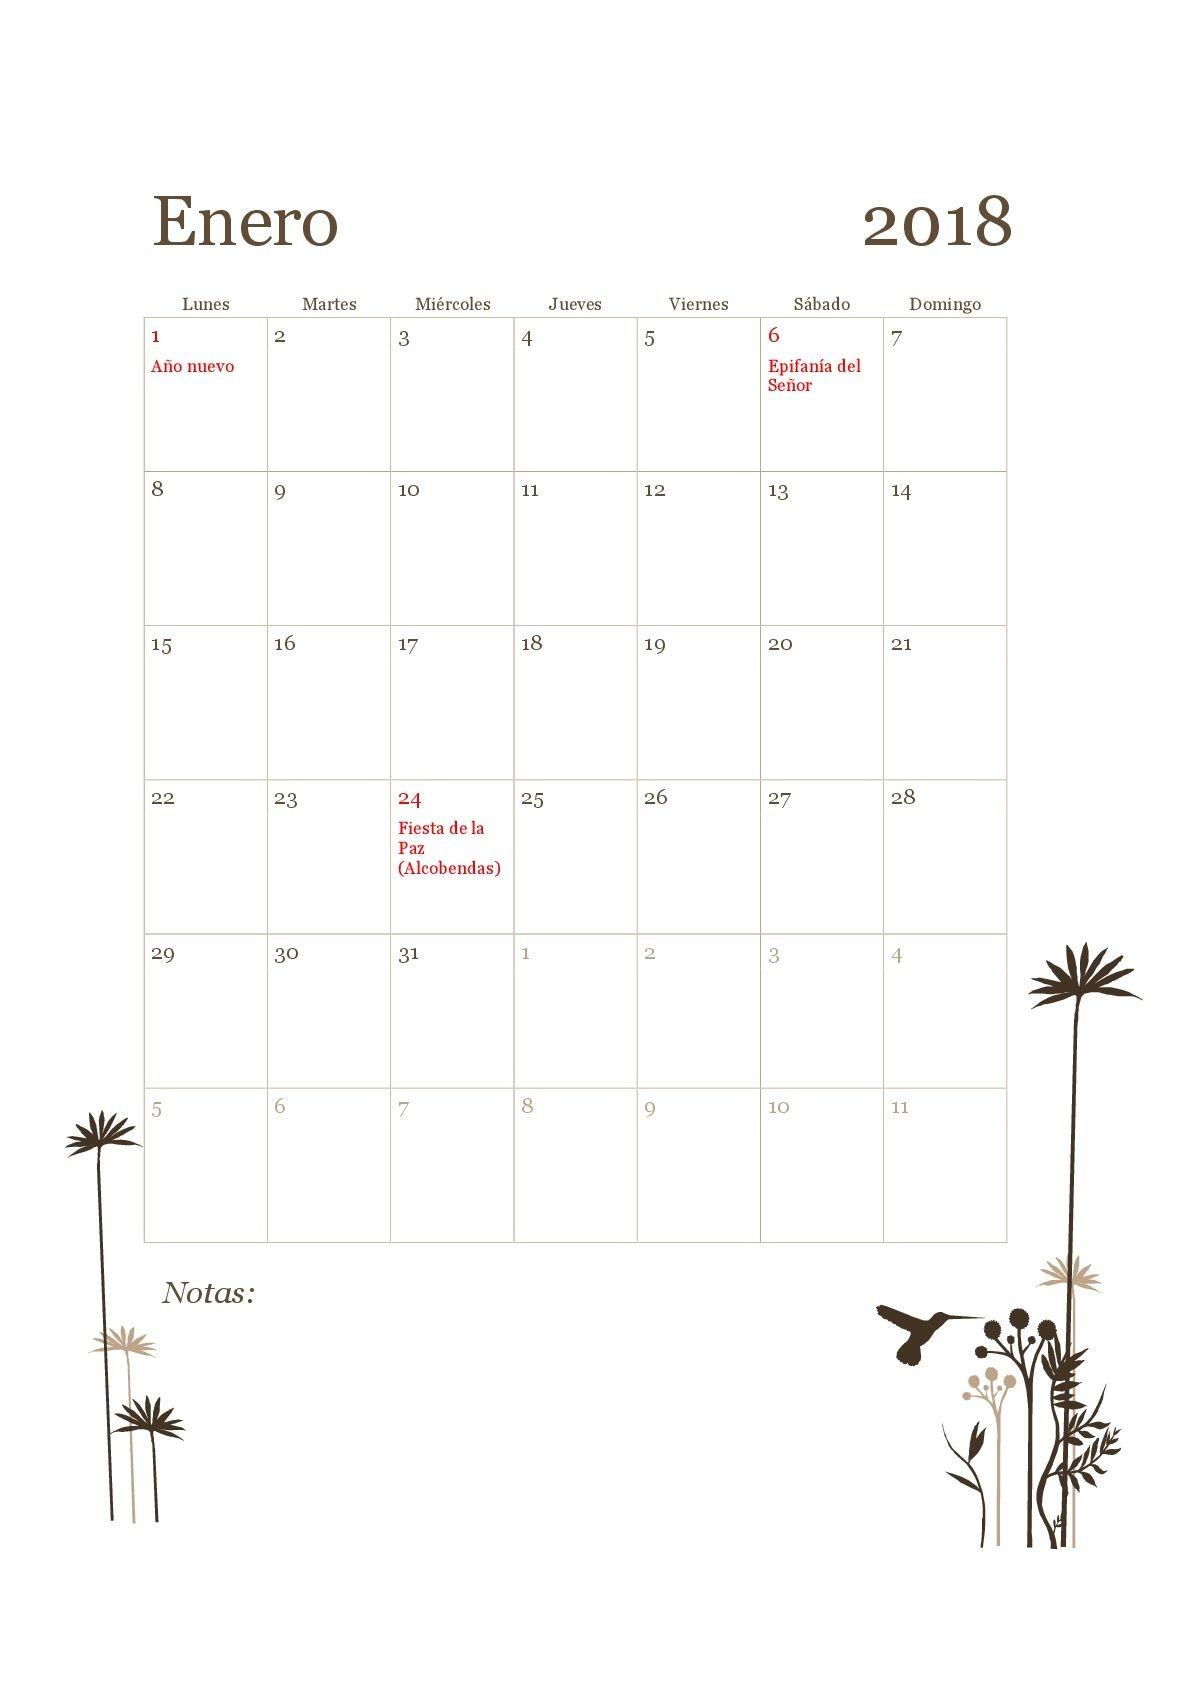 Aqu tienes 15 plantillas del calendario laboral 2018 de Madrid